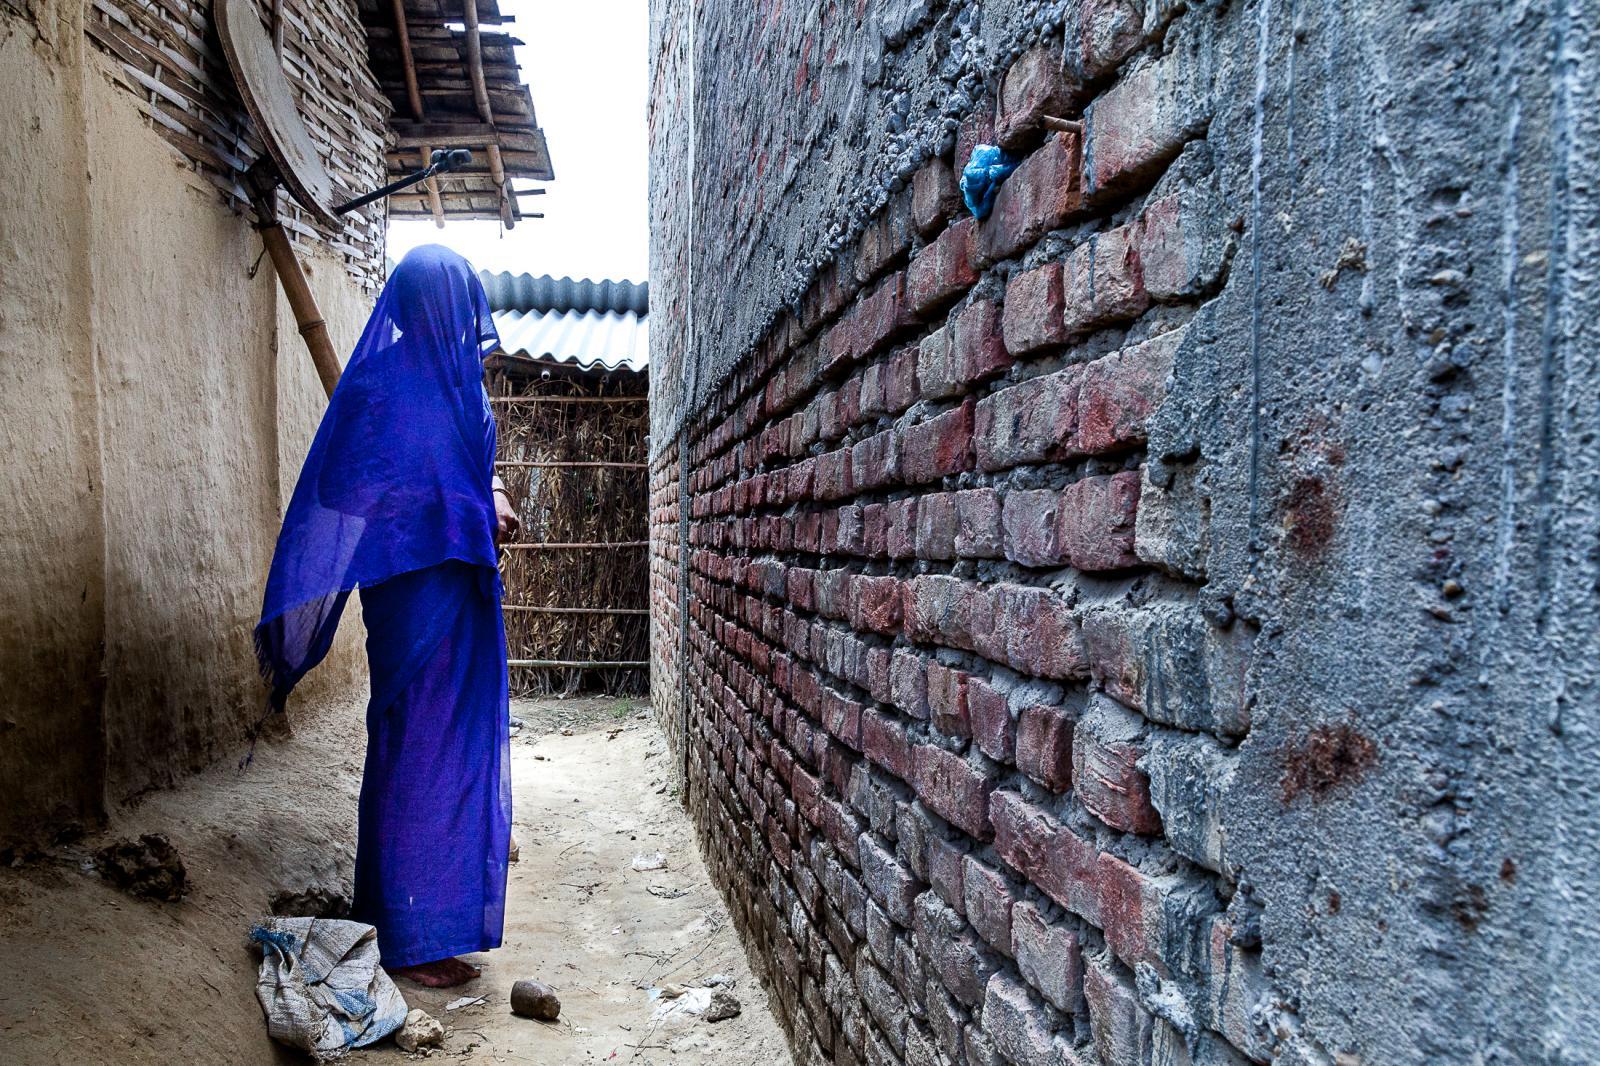 Photography image - Loading 003_Maithil-Women-Nepal-Omar-Havana.jpg